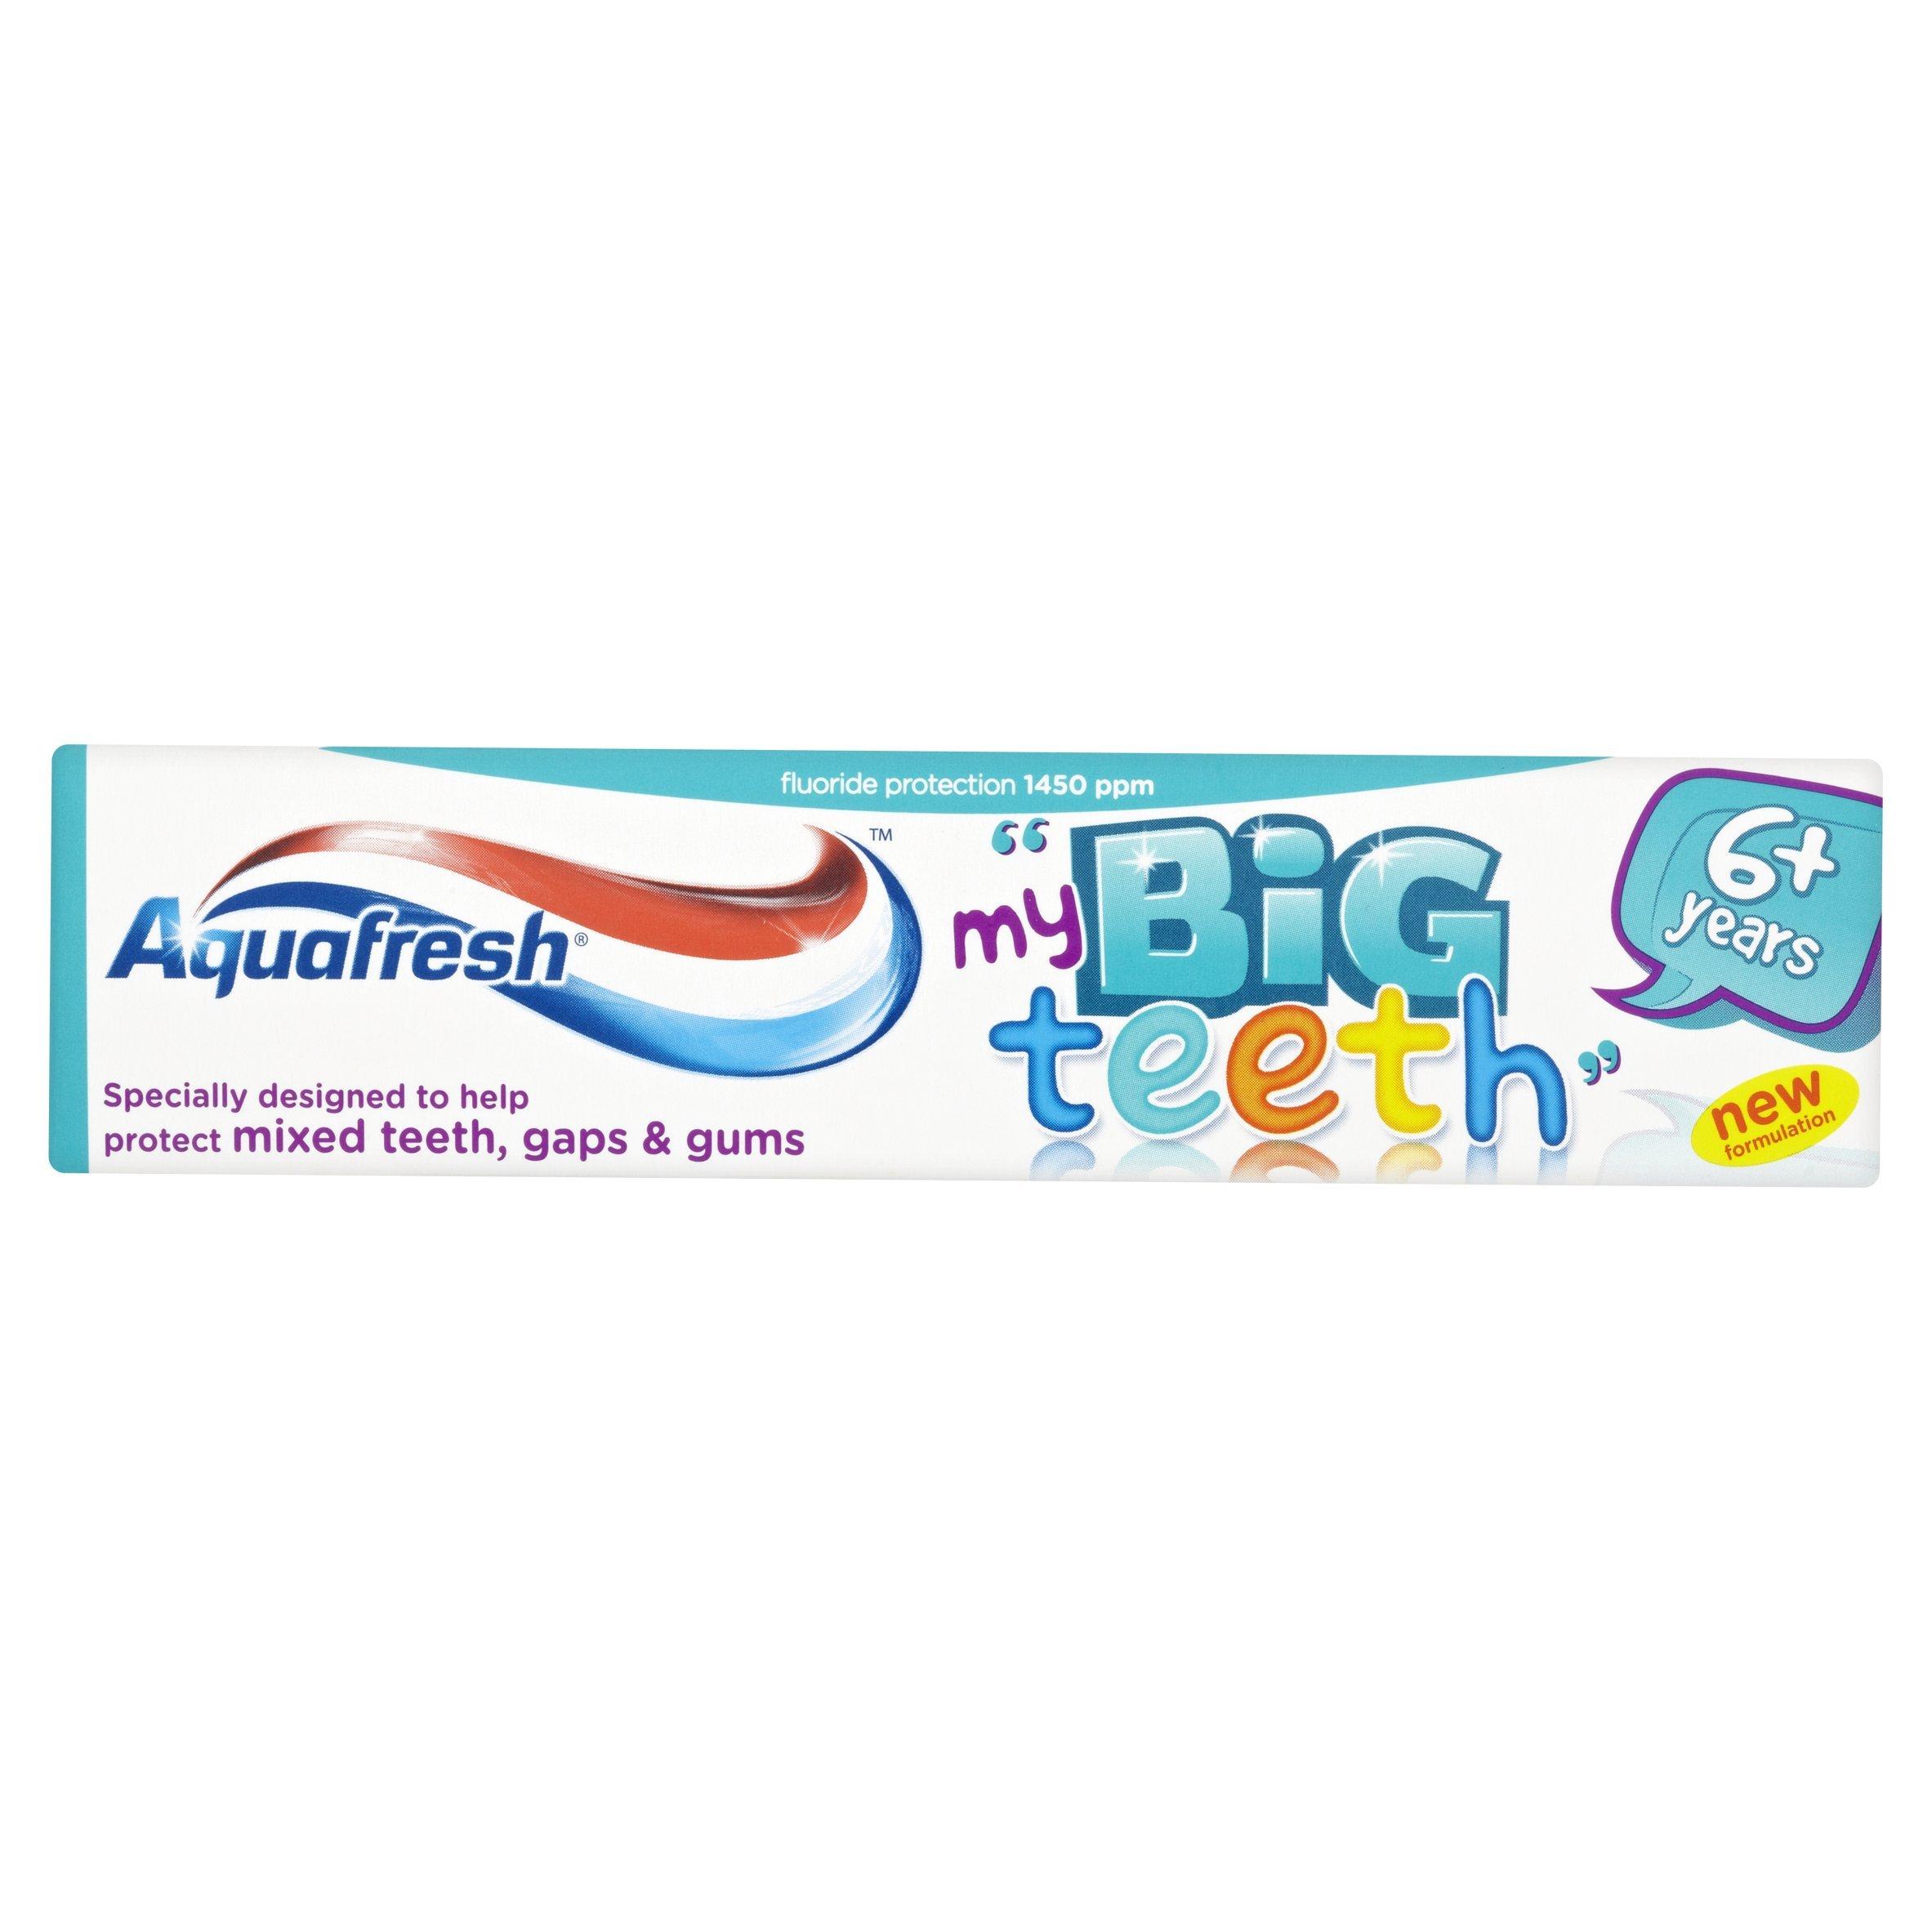 Aquafresh Toothpaste Big Teeth 6+ Years (Pack of 6)